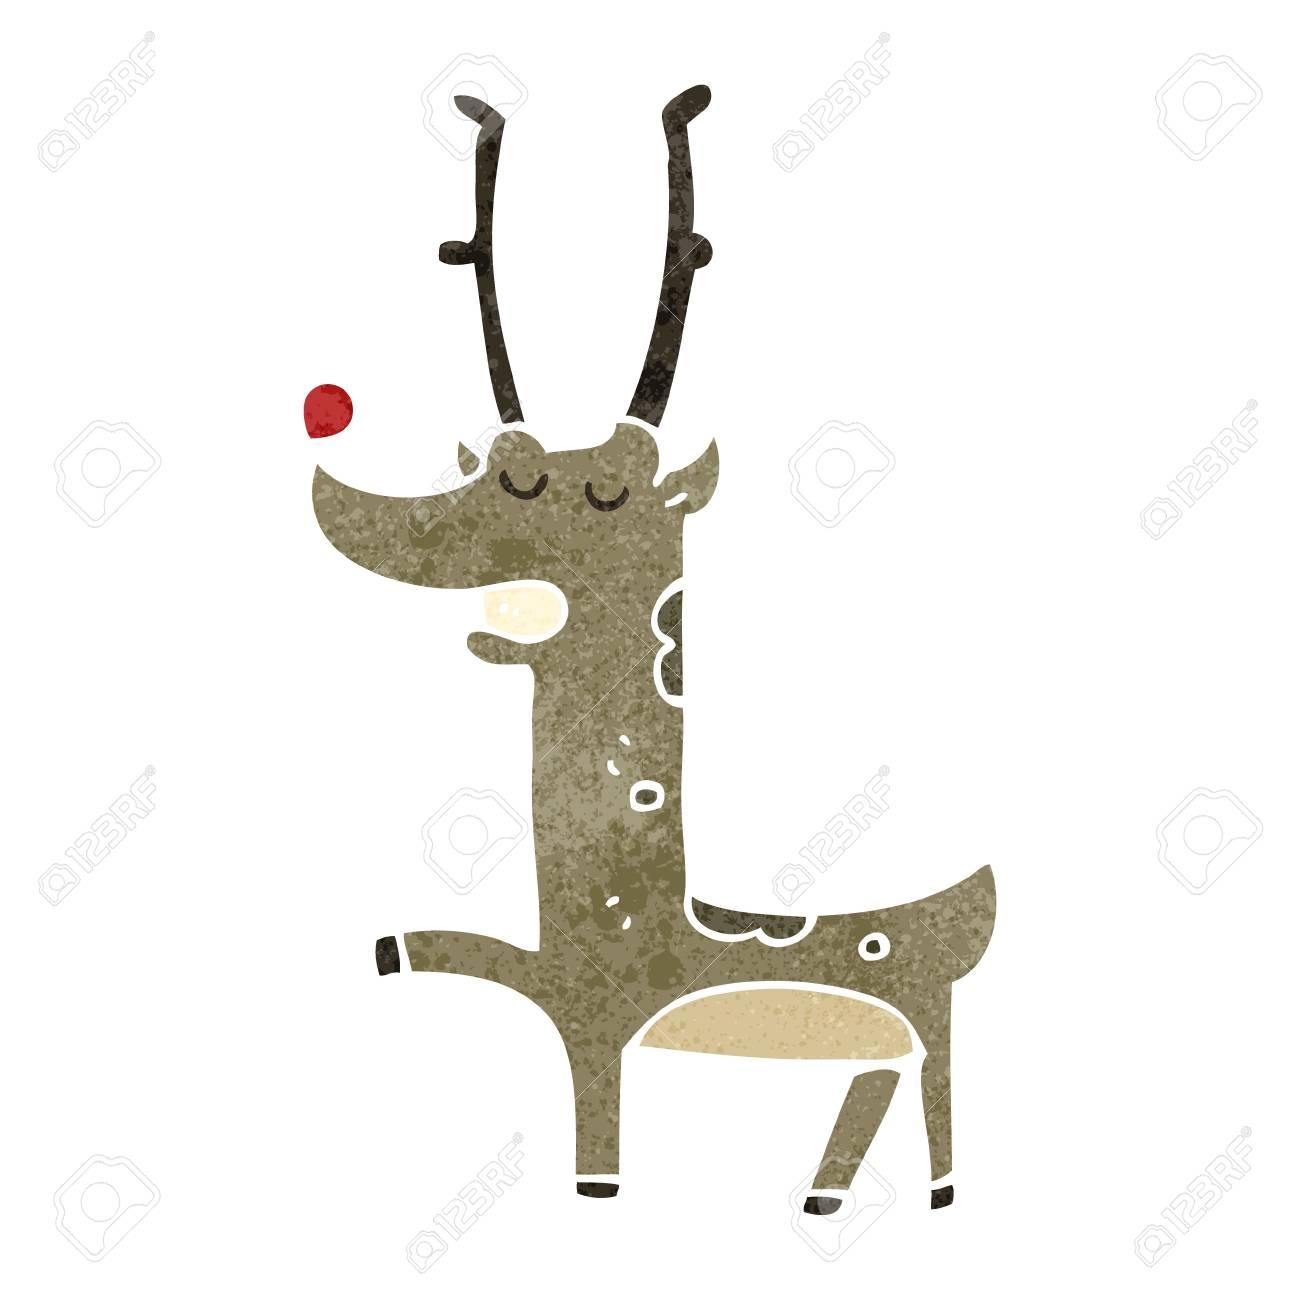 retro cartoon reindeer - 22155454